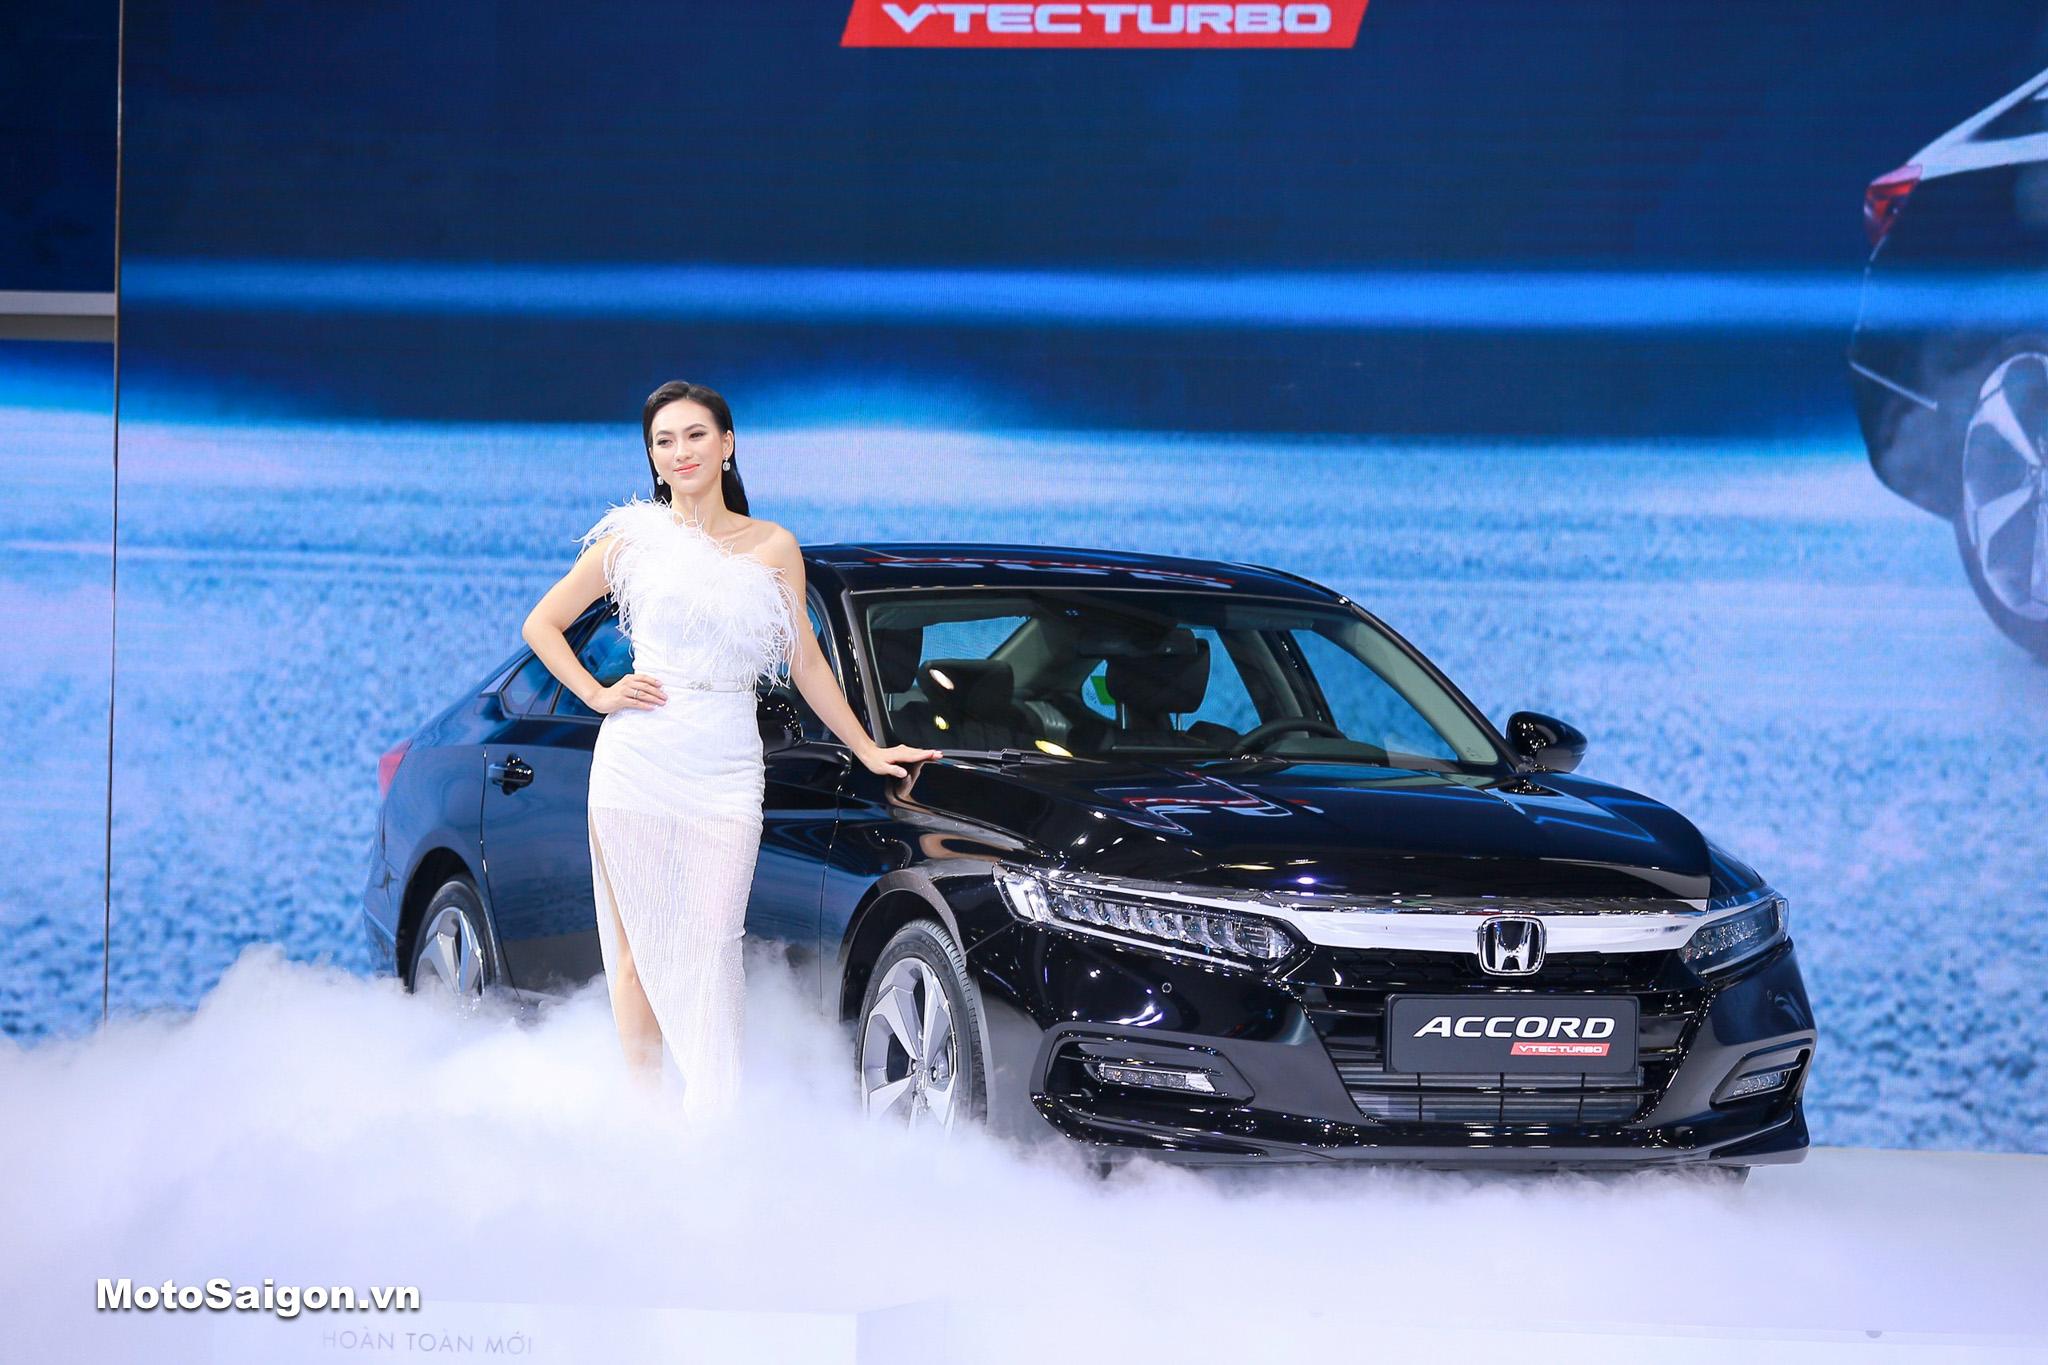 Honda Accord 2019 giá bao nhiêu? Đánh giá xe hình ảnh thông số giá bán